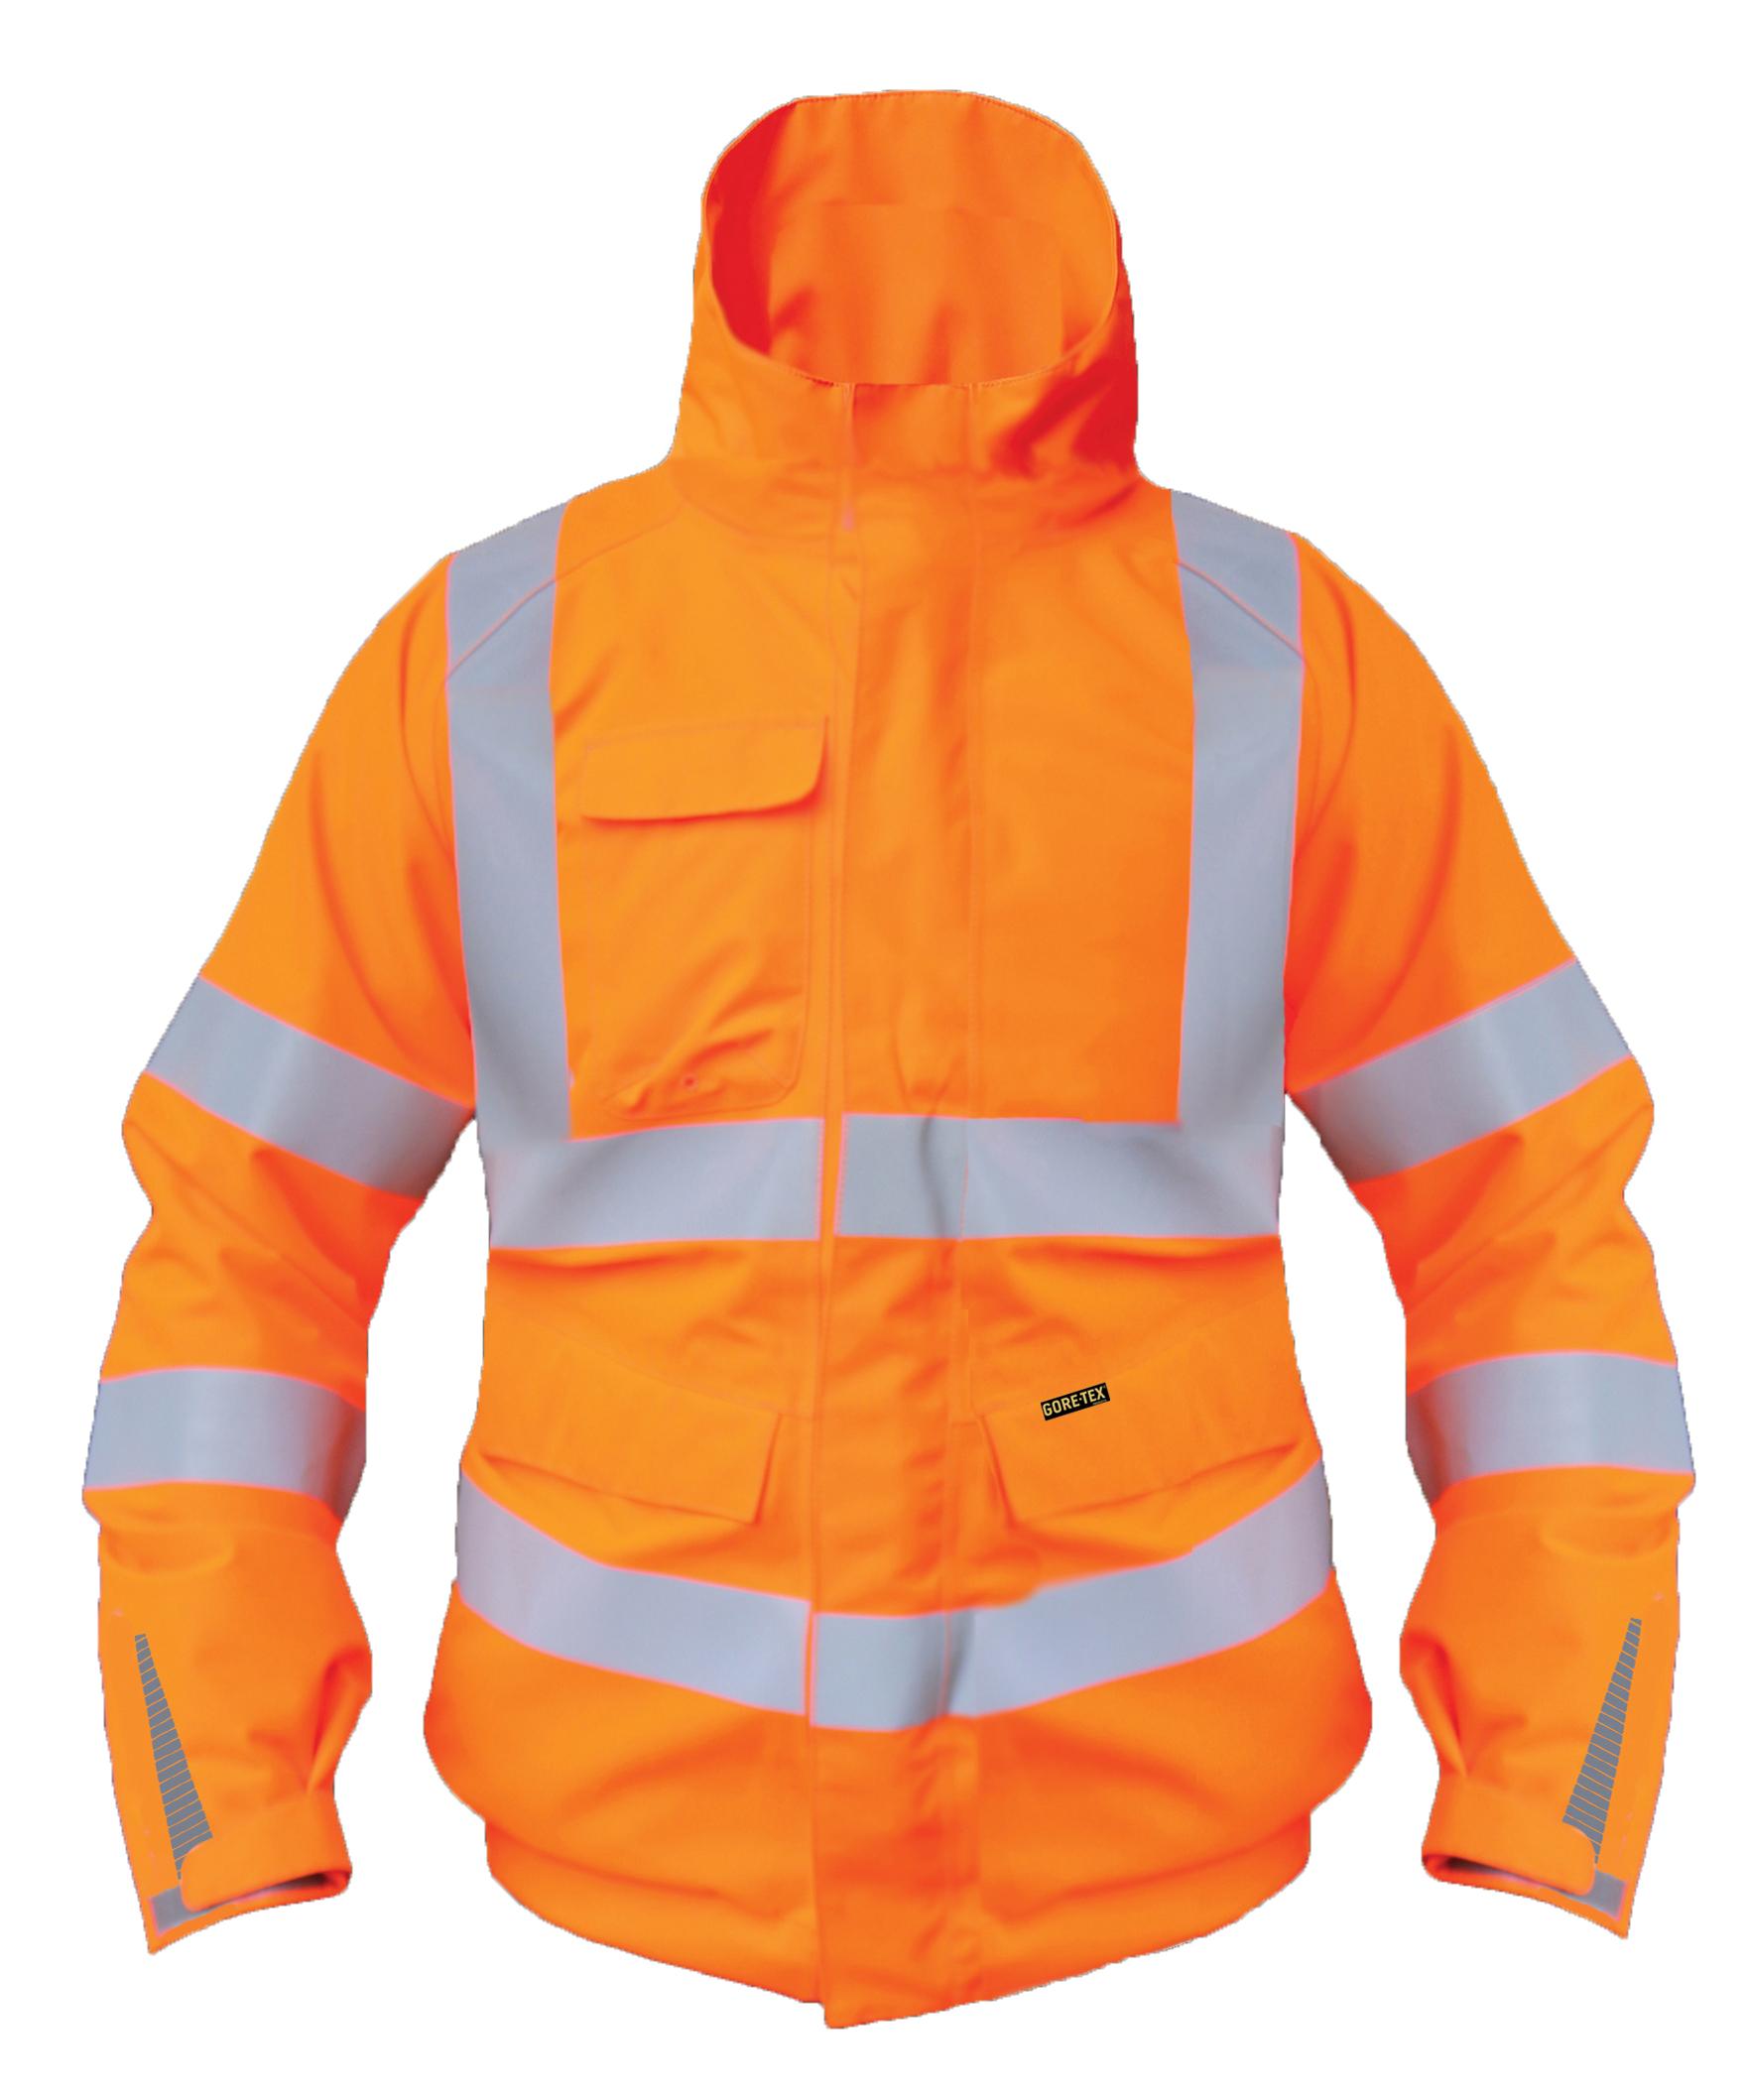 bodyguard-Jackets-GORE-TEX-Rail-Bomber-Jacket